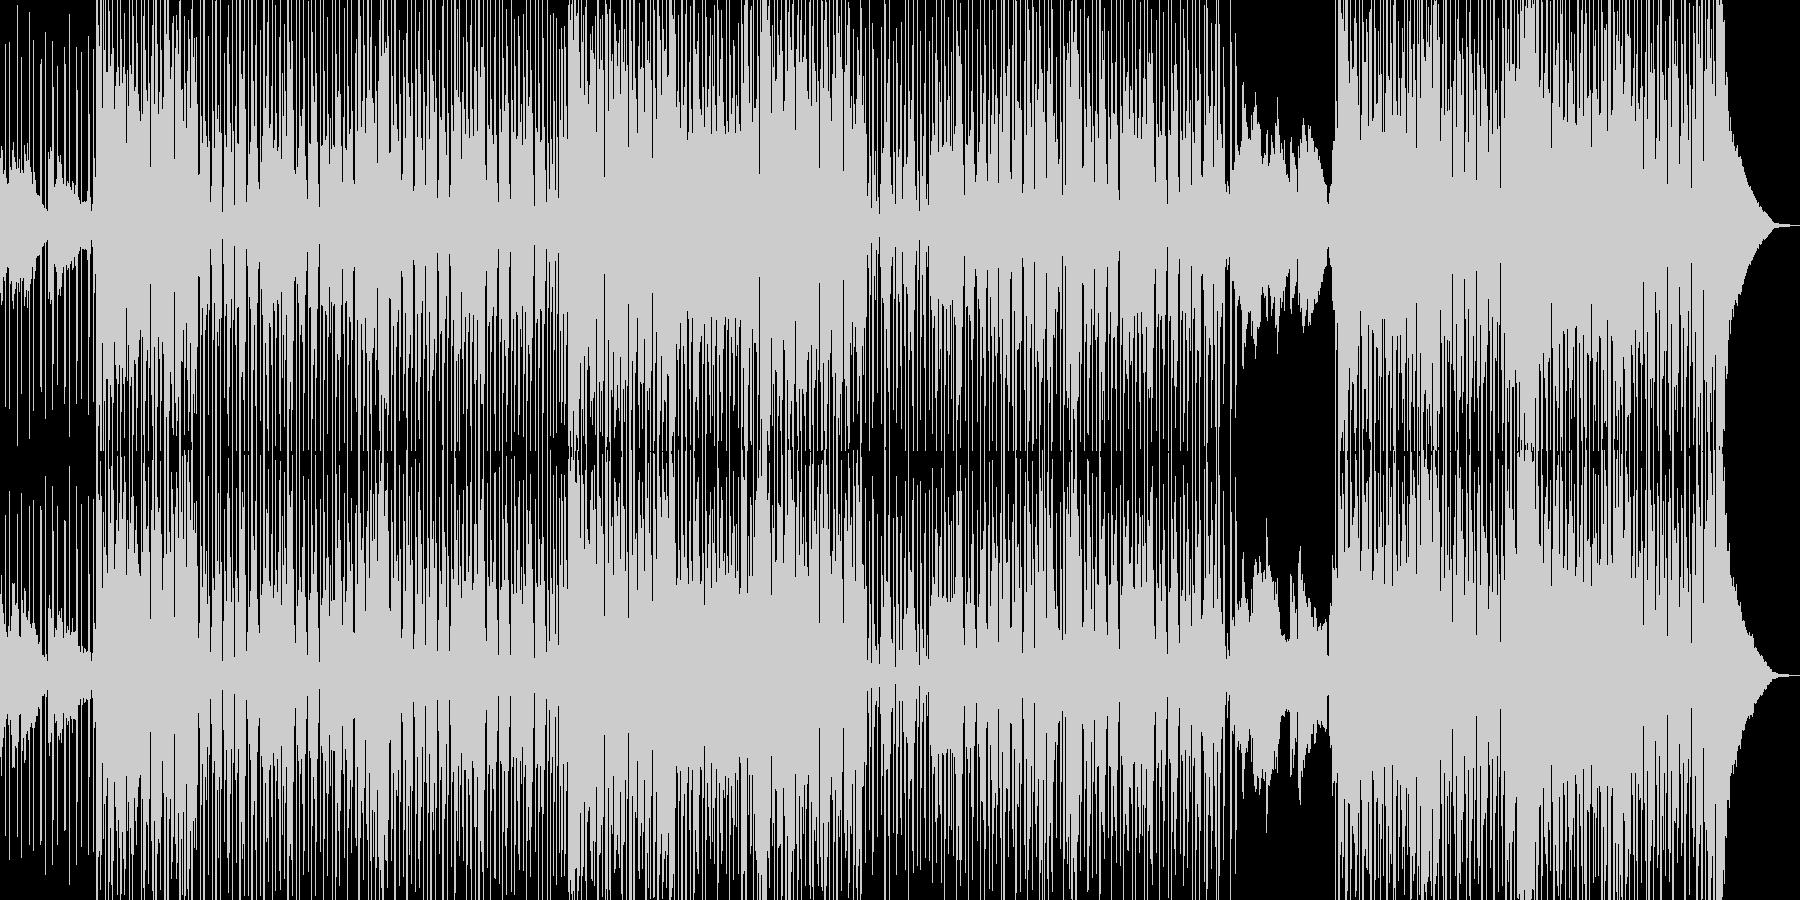 オシャレ切ないR&B シンセ無B2の未再生の波形